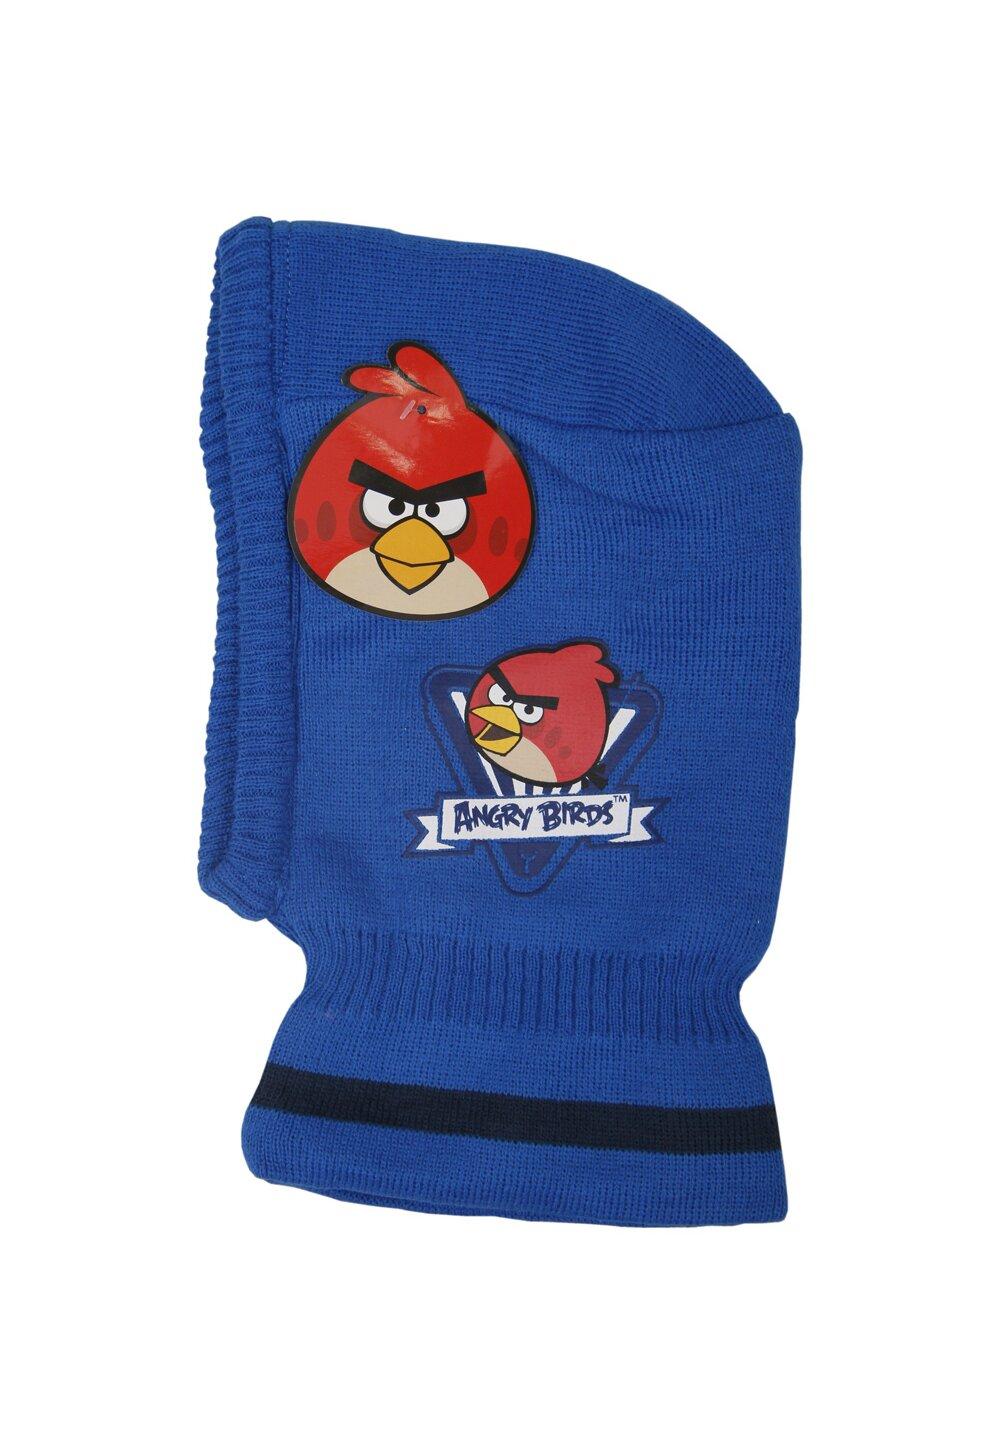 Caciula tip cagula, Angry birds, albastru imagine